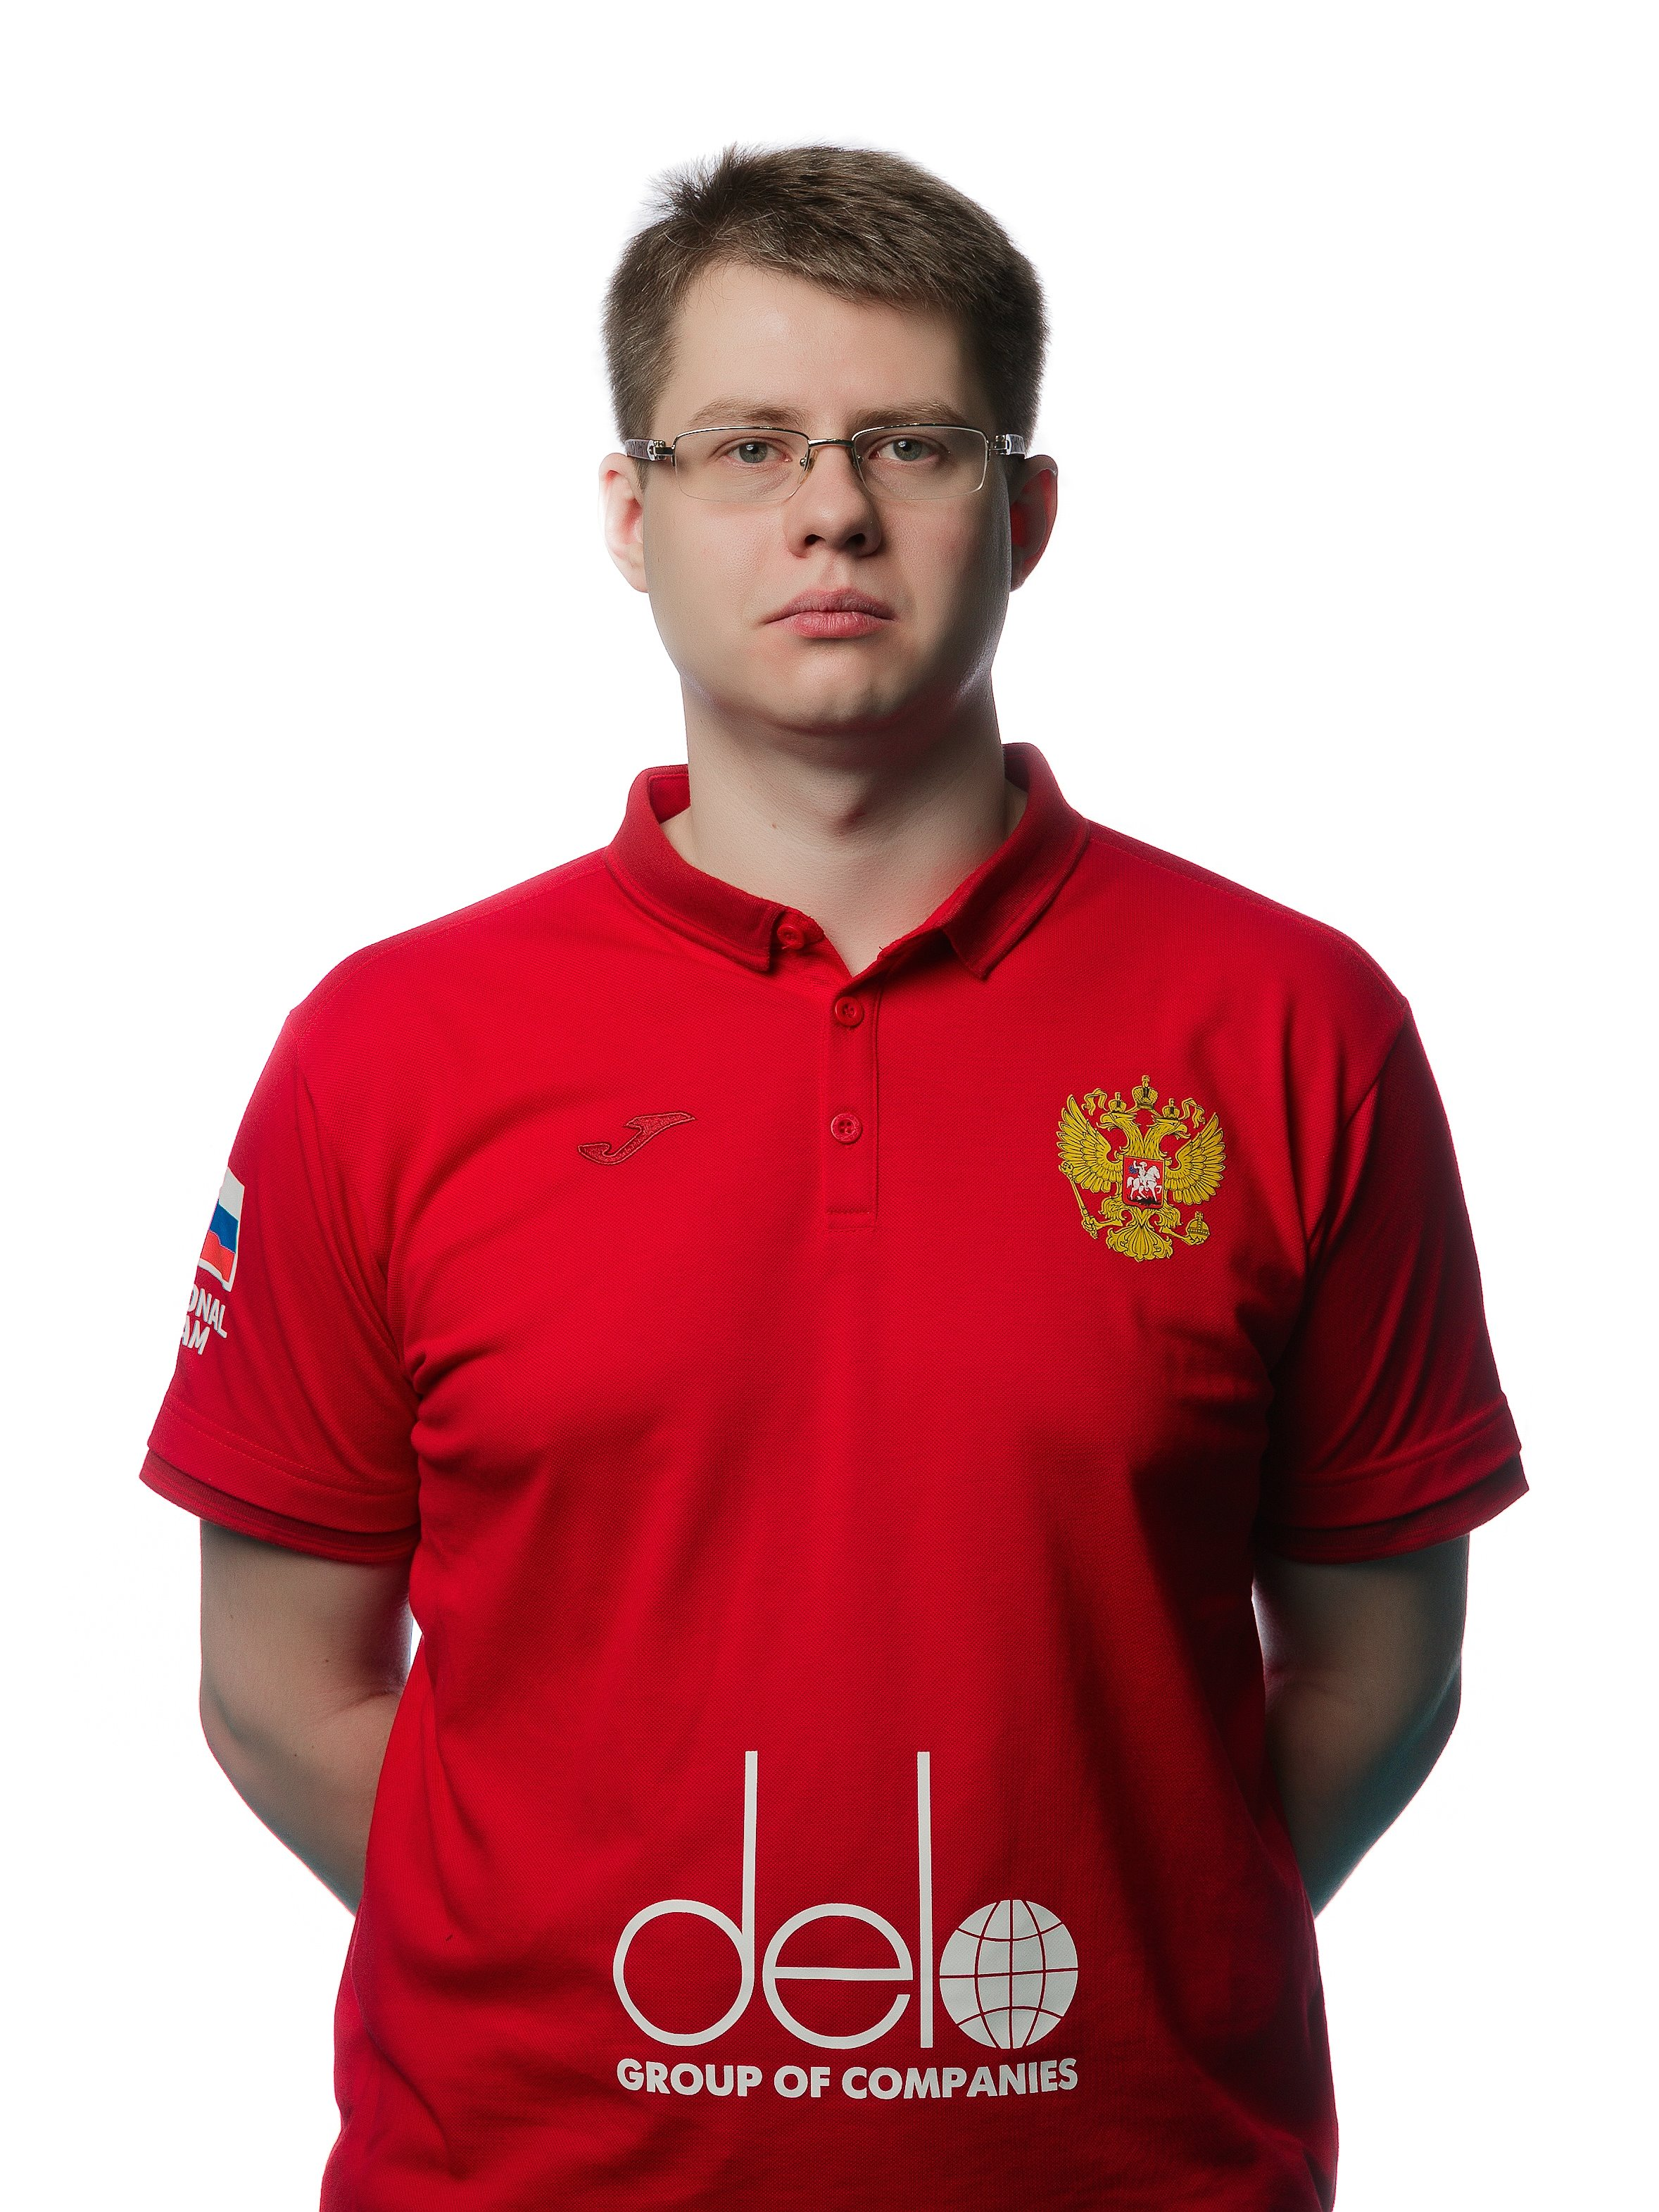 Серегин Андрей Михайлович